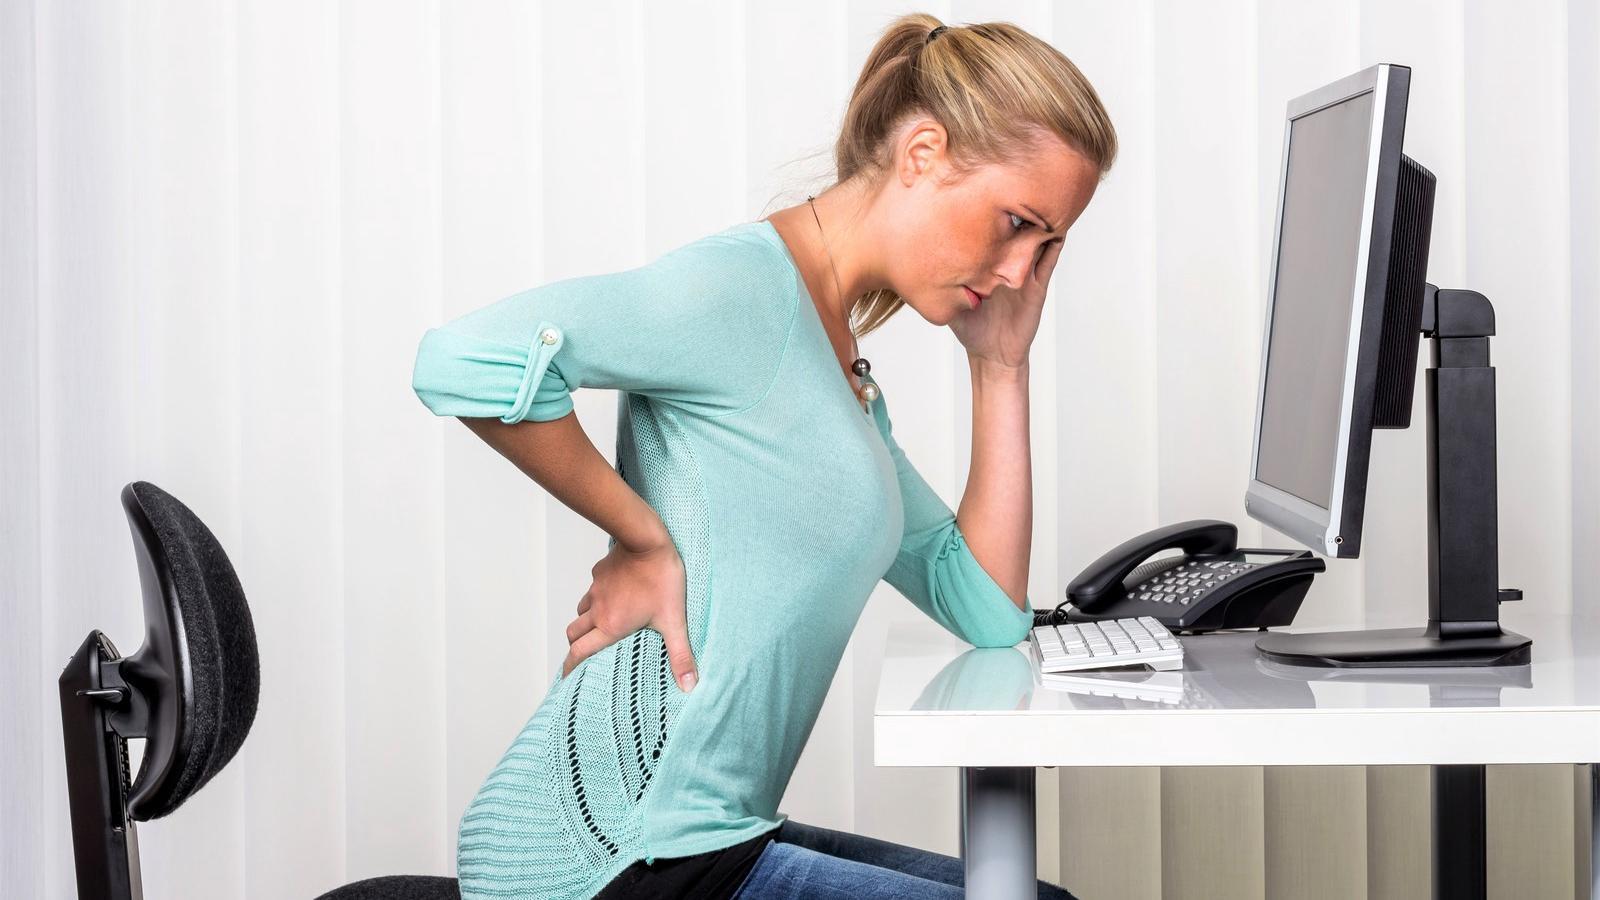 10 panasz, amit a széken ülés okoz | Fontanus Freestyle